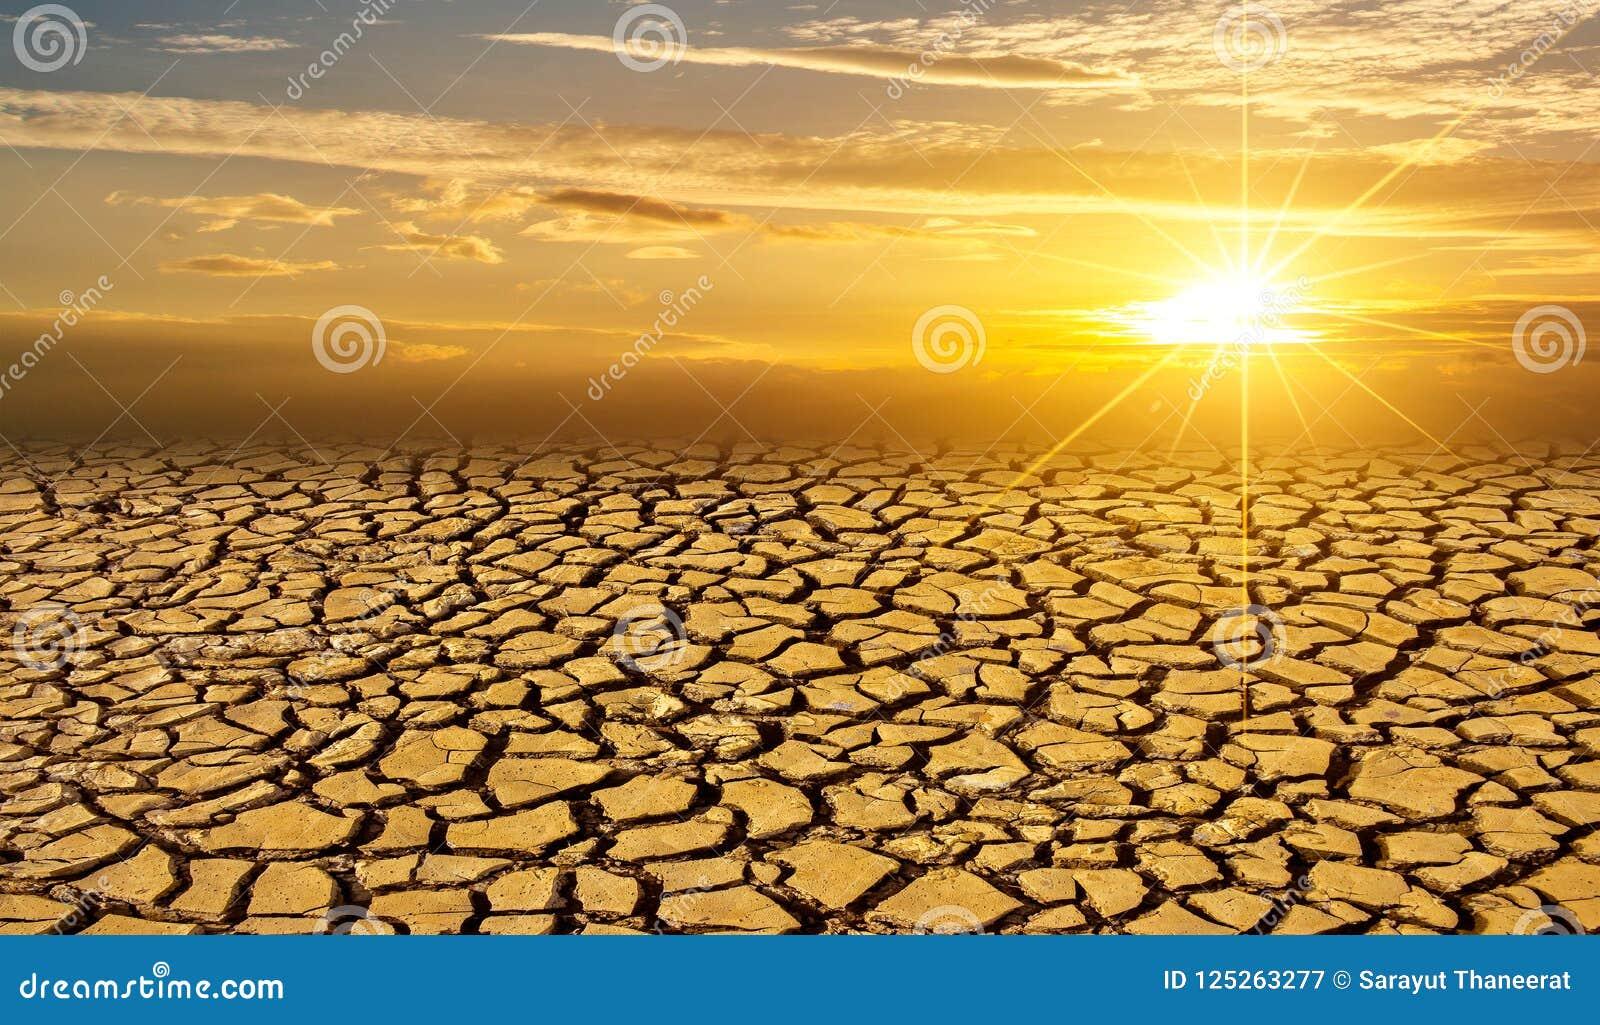 干旱的粘土太阳沙漠全球性慢行的概念崩裂了被烧焦的地球土壤天旱沙漠风景剧烈的日落